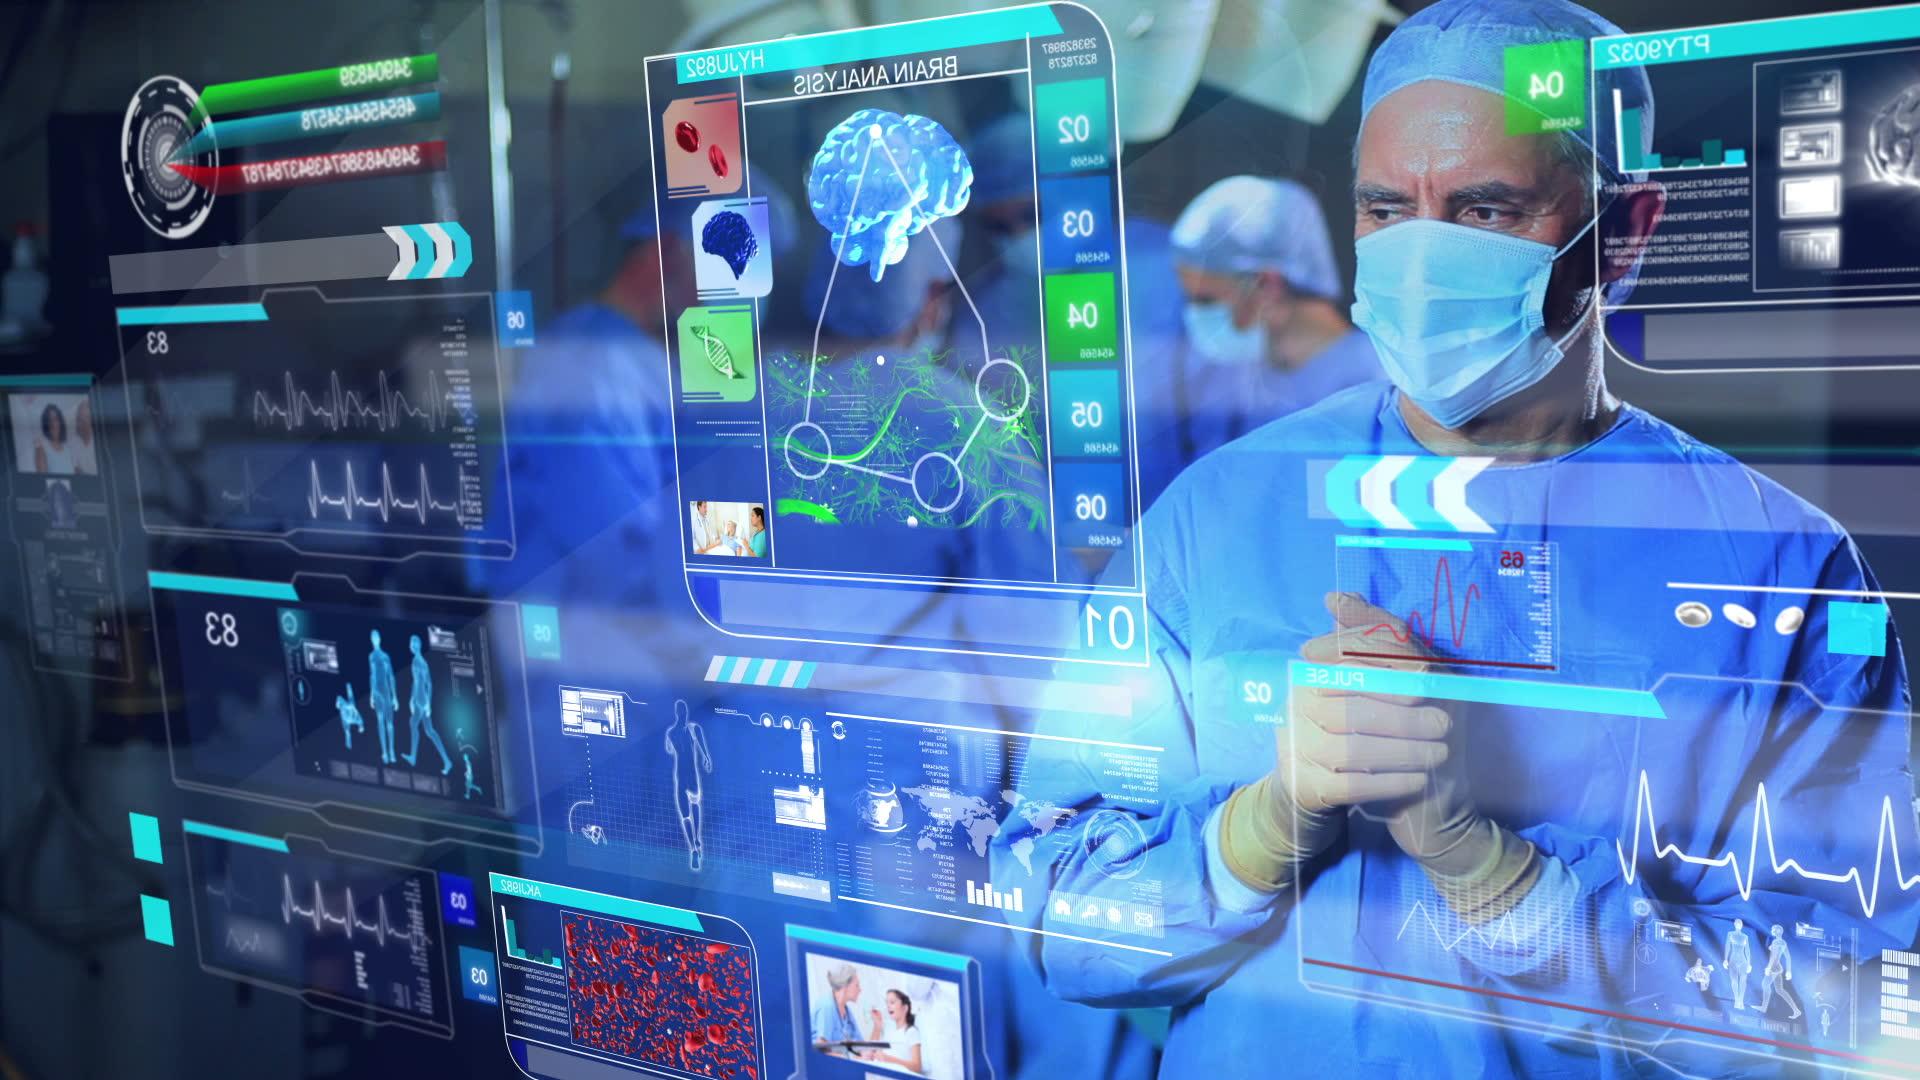 Sveikatos technologijos